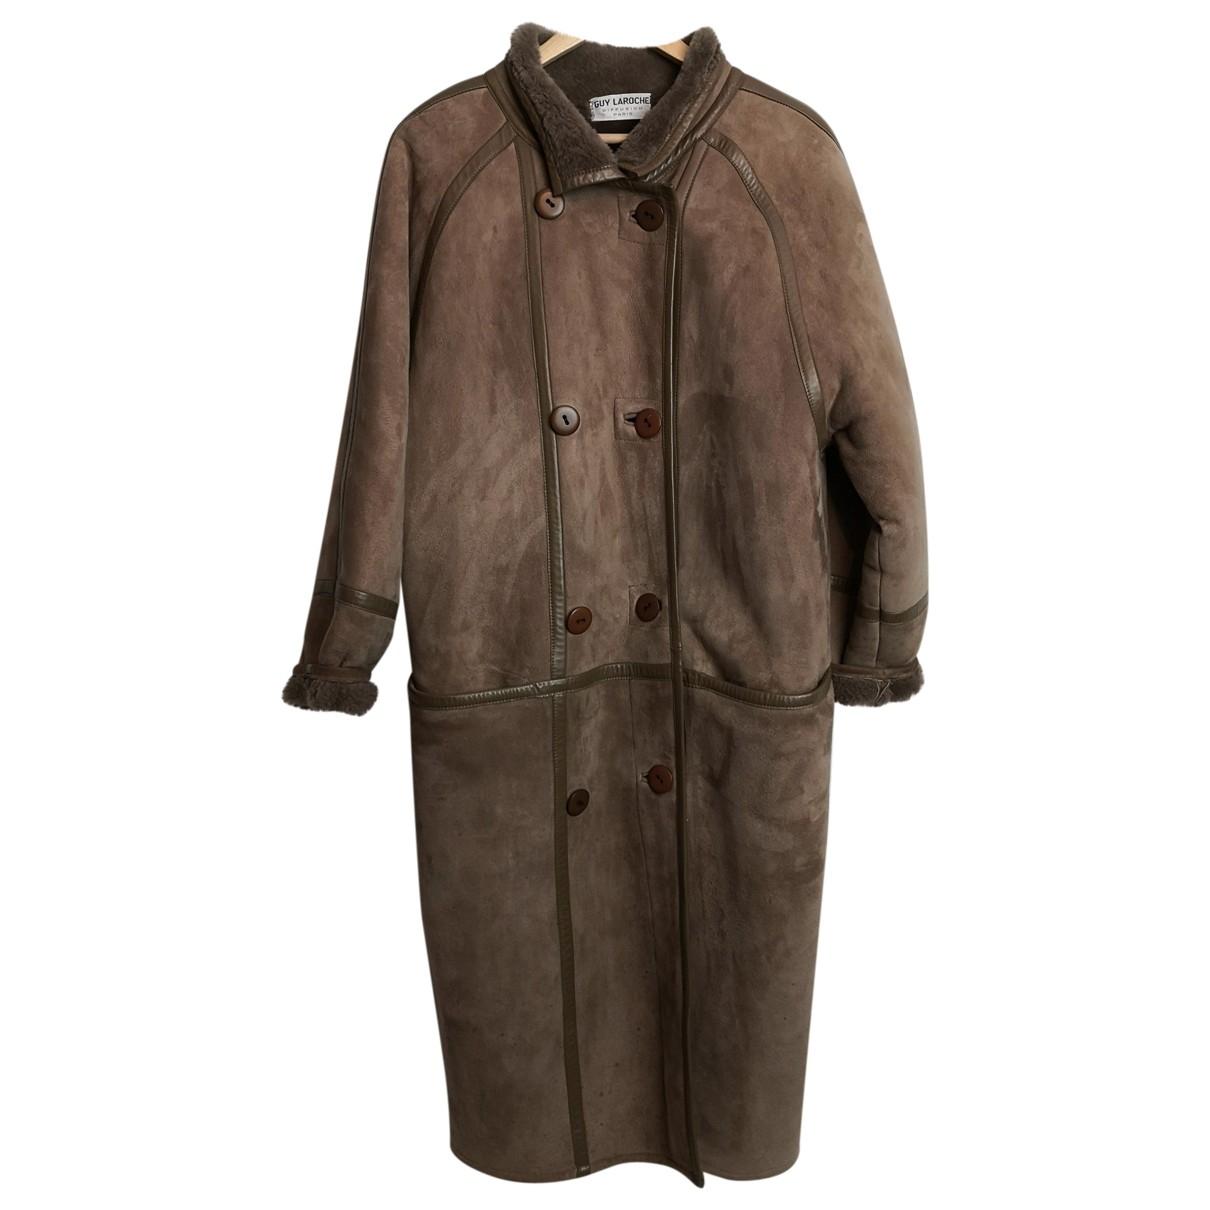 Guy Laroche - Manteau   pour femme en cuir - marron